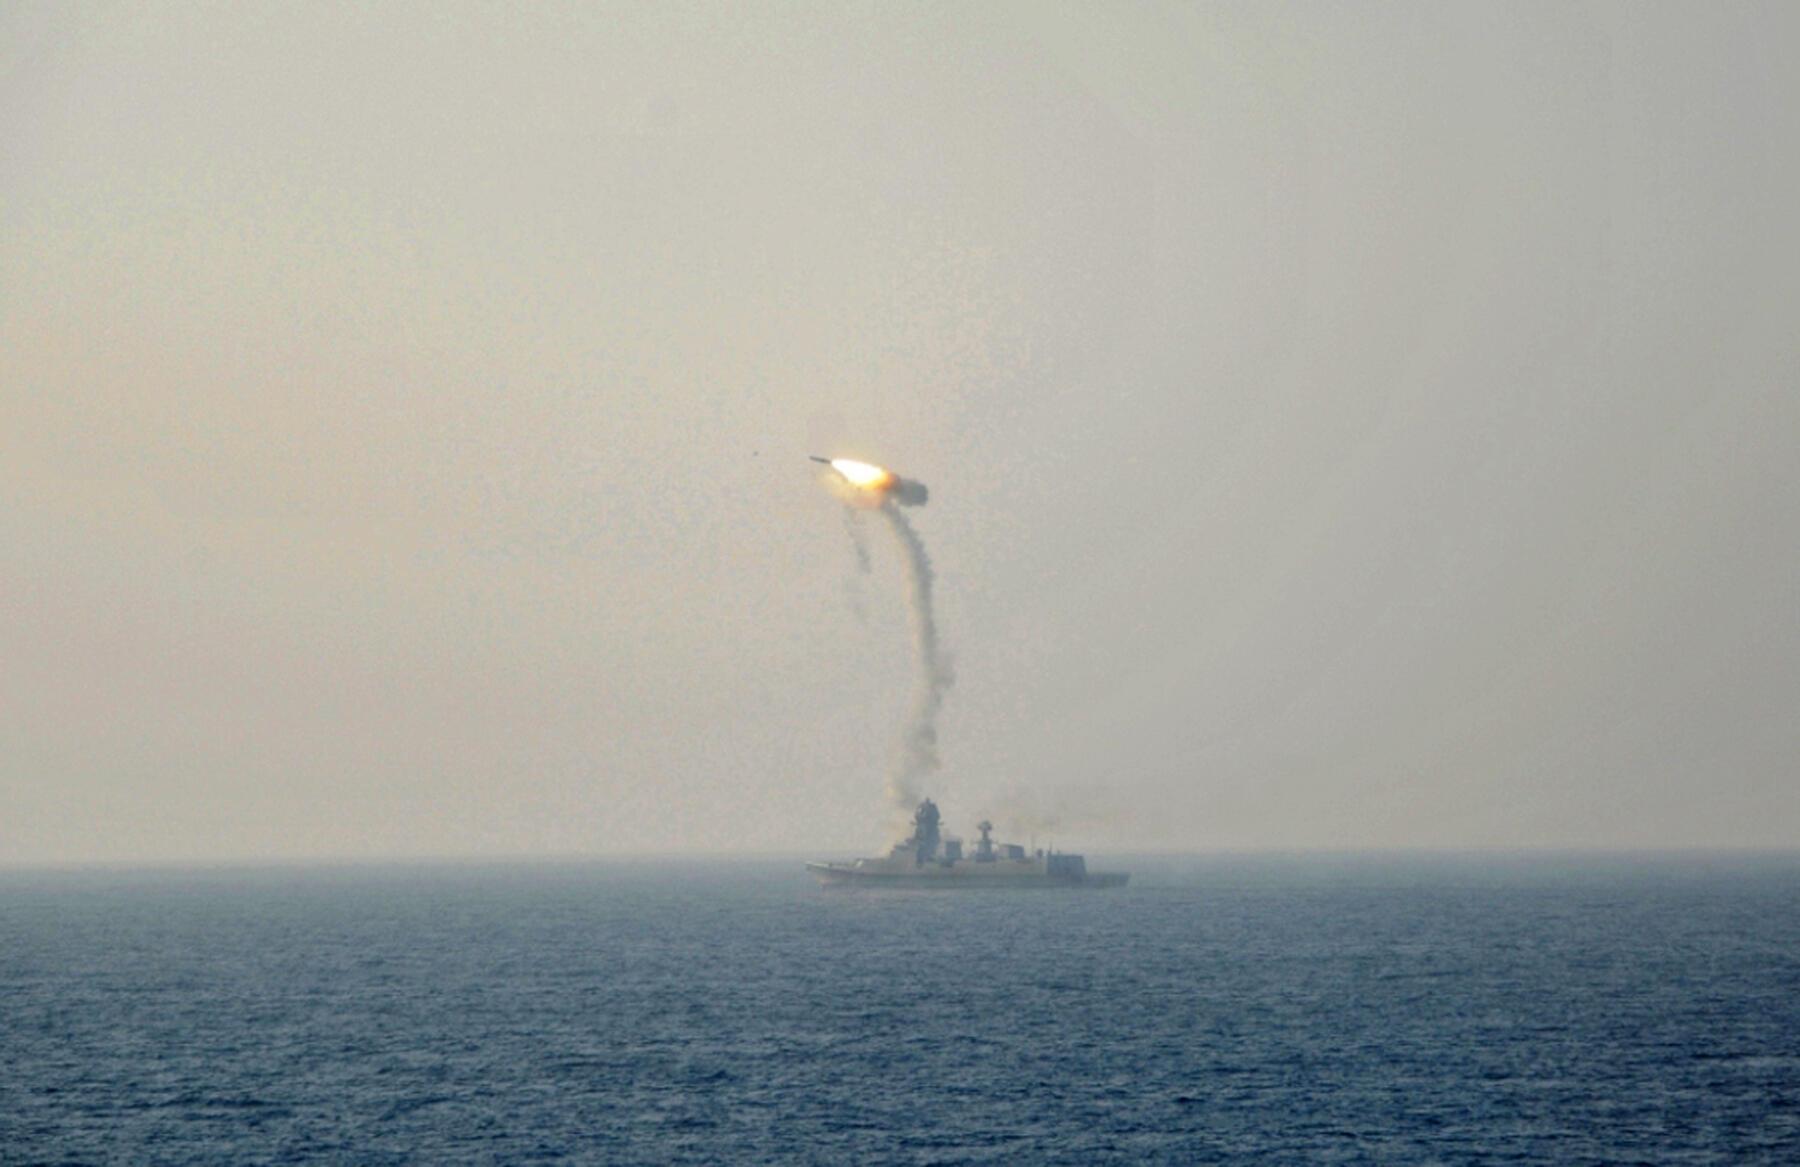 Ấn Độ bắn thử tên lửa BrahMos (ảnh do bộ Quốc Phòng công bố ngày 01/11/2015)